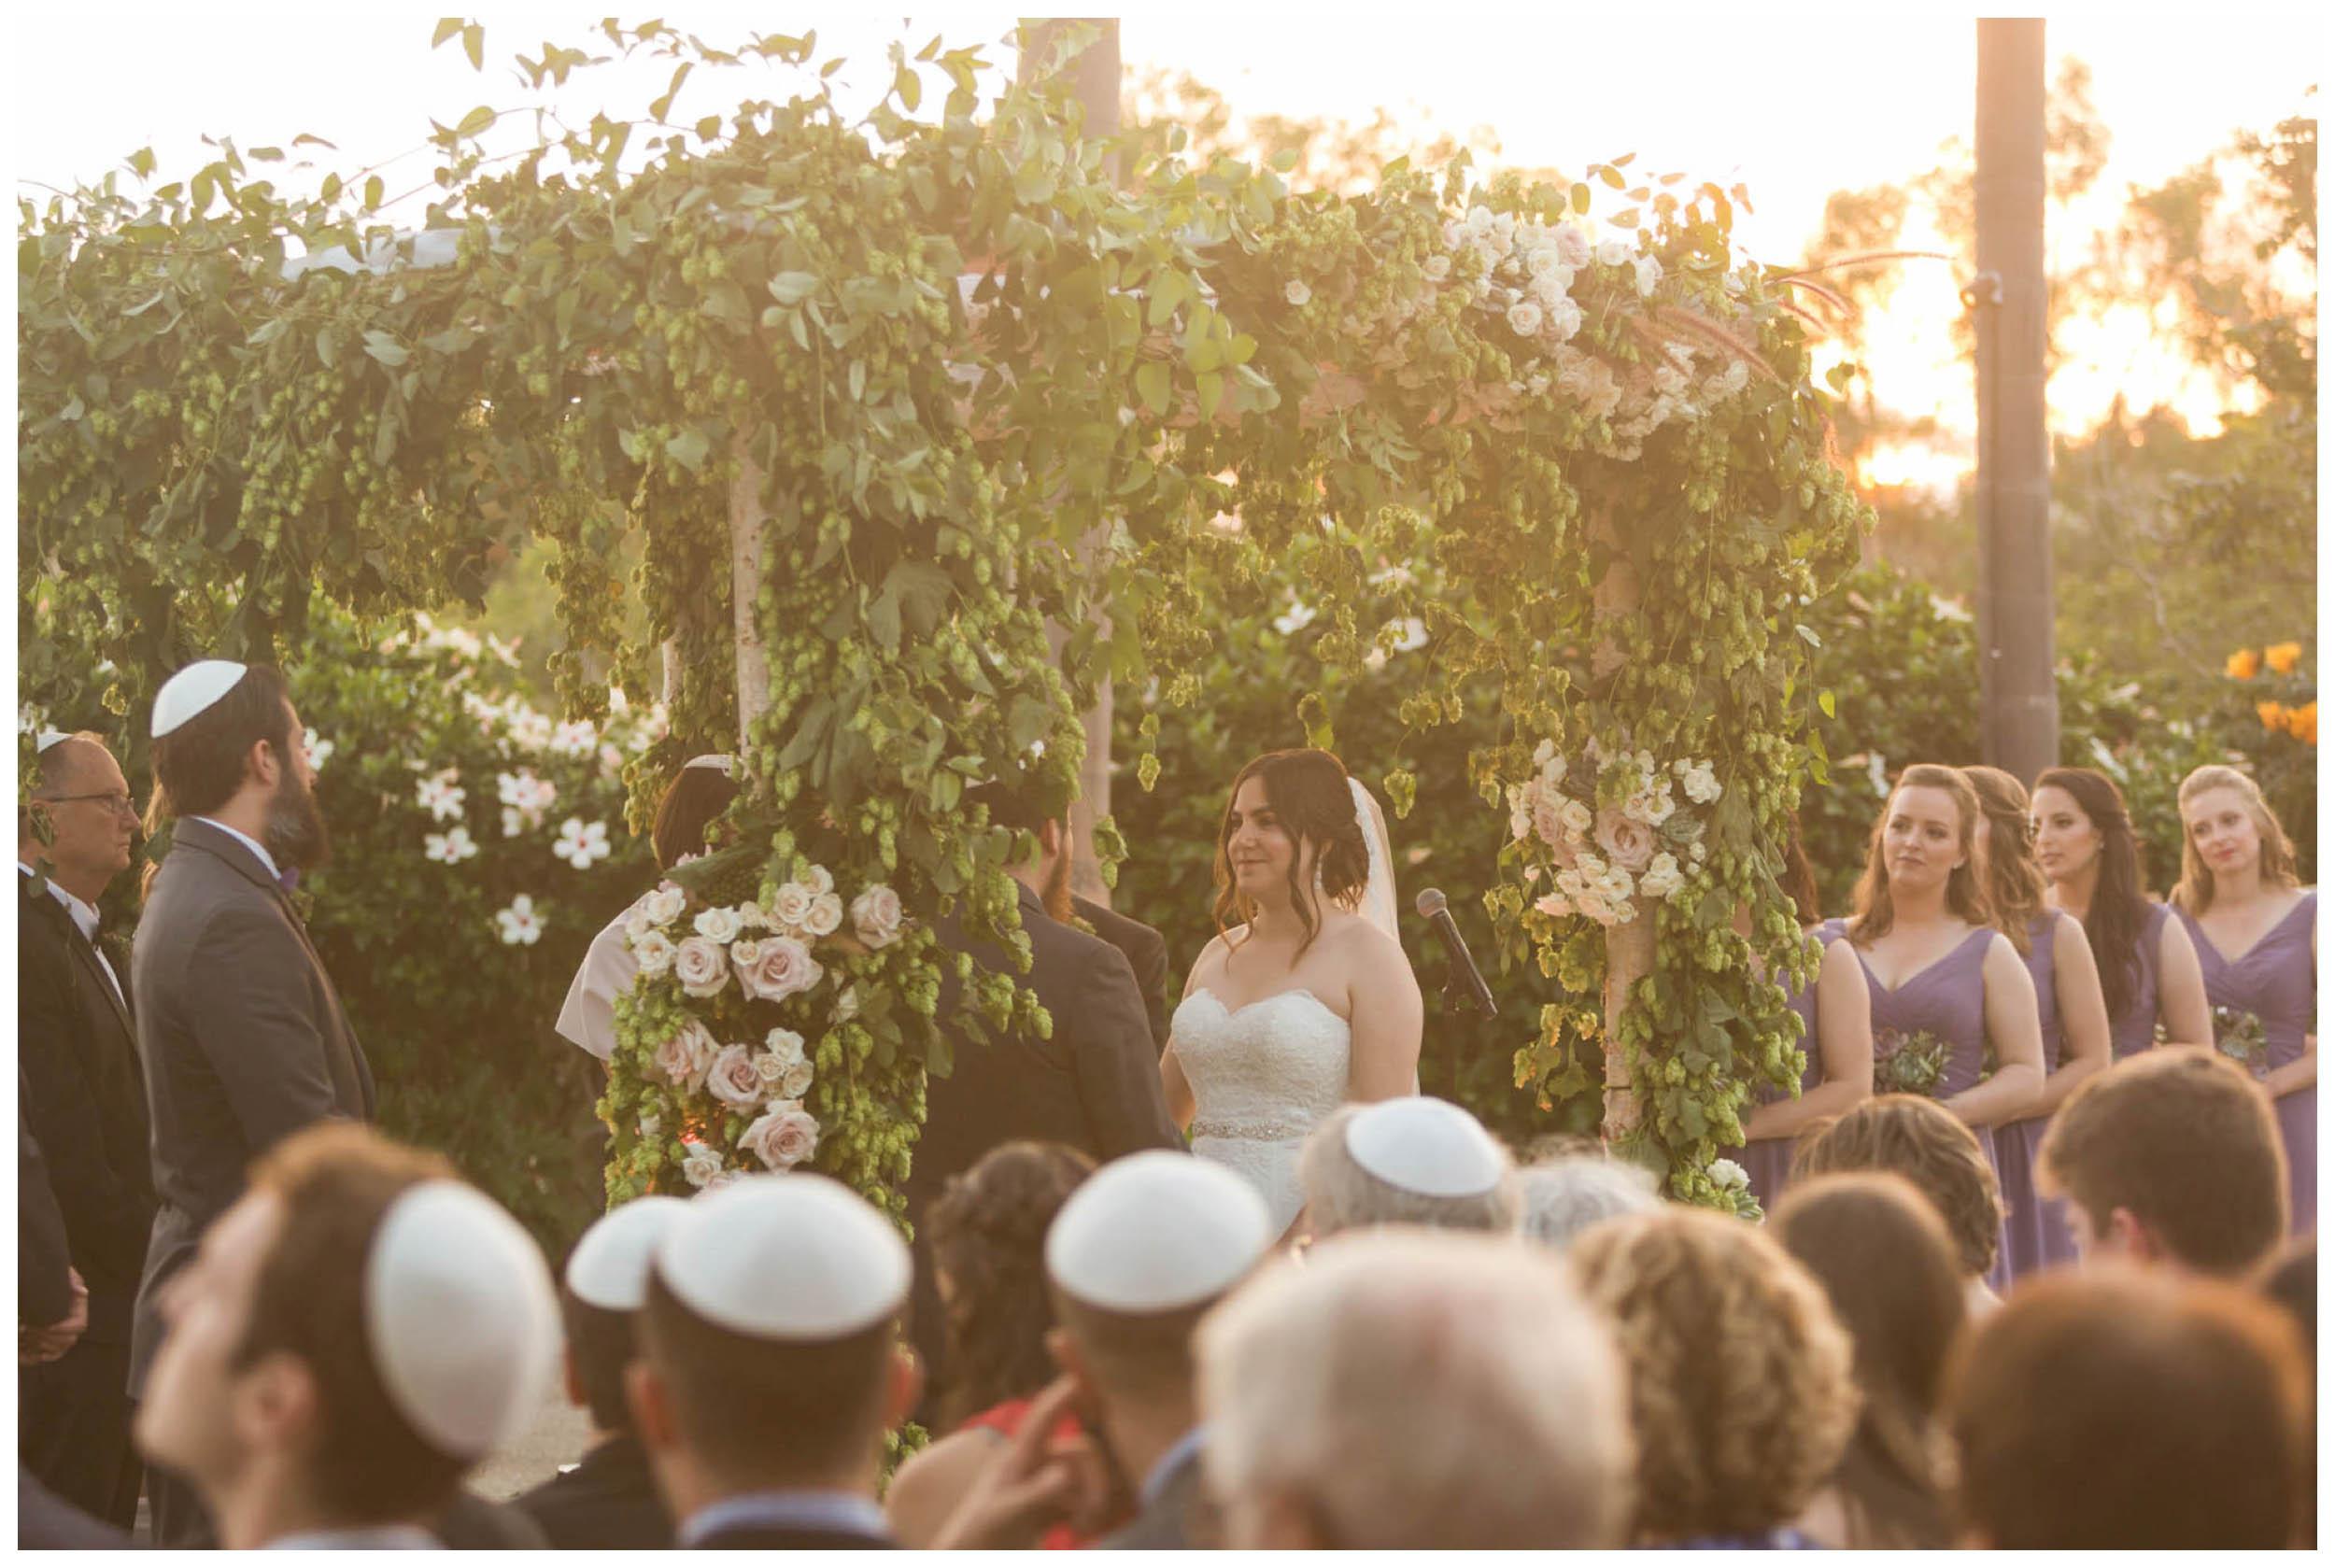 shewanders.wedding.photography.san.diego.rustic._1724.jpg